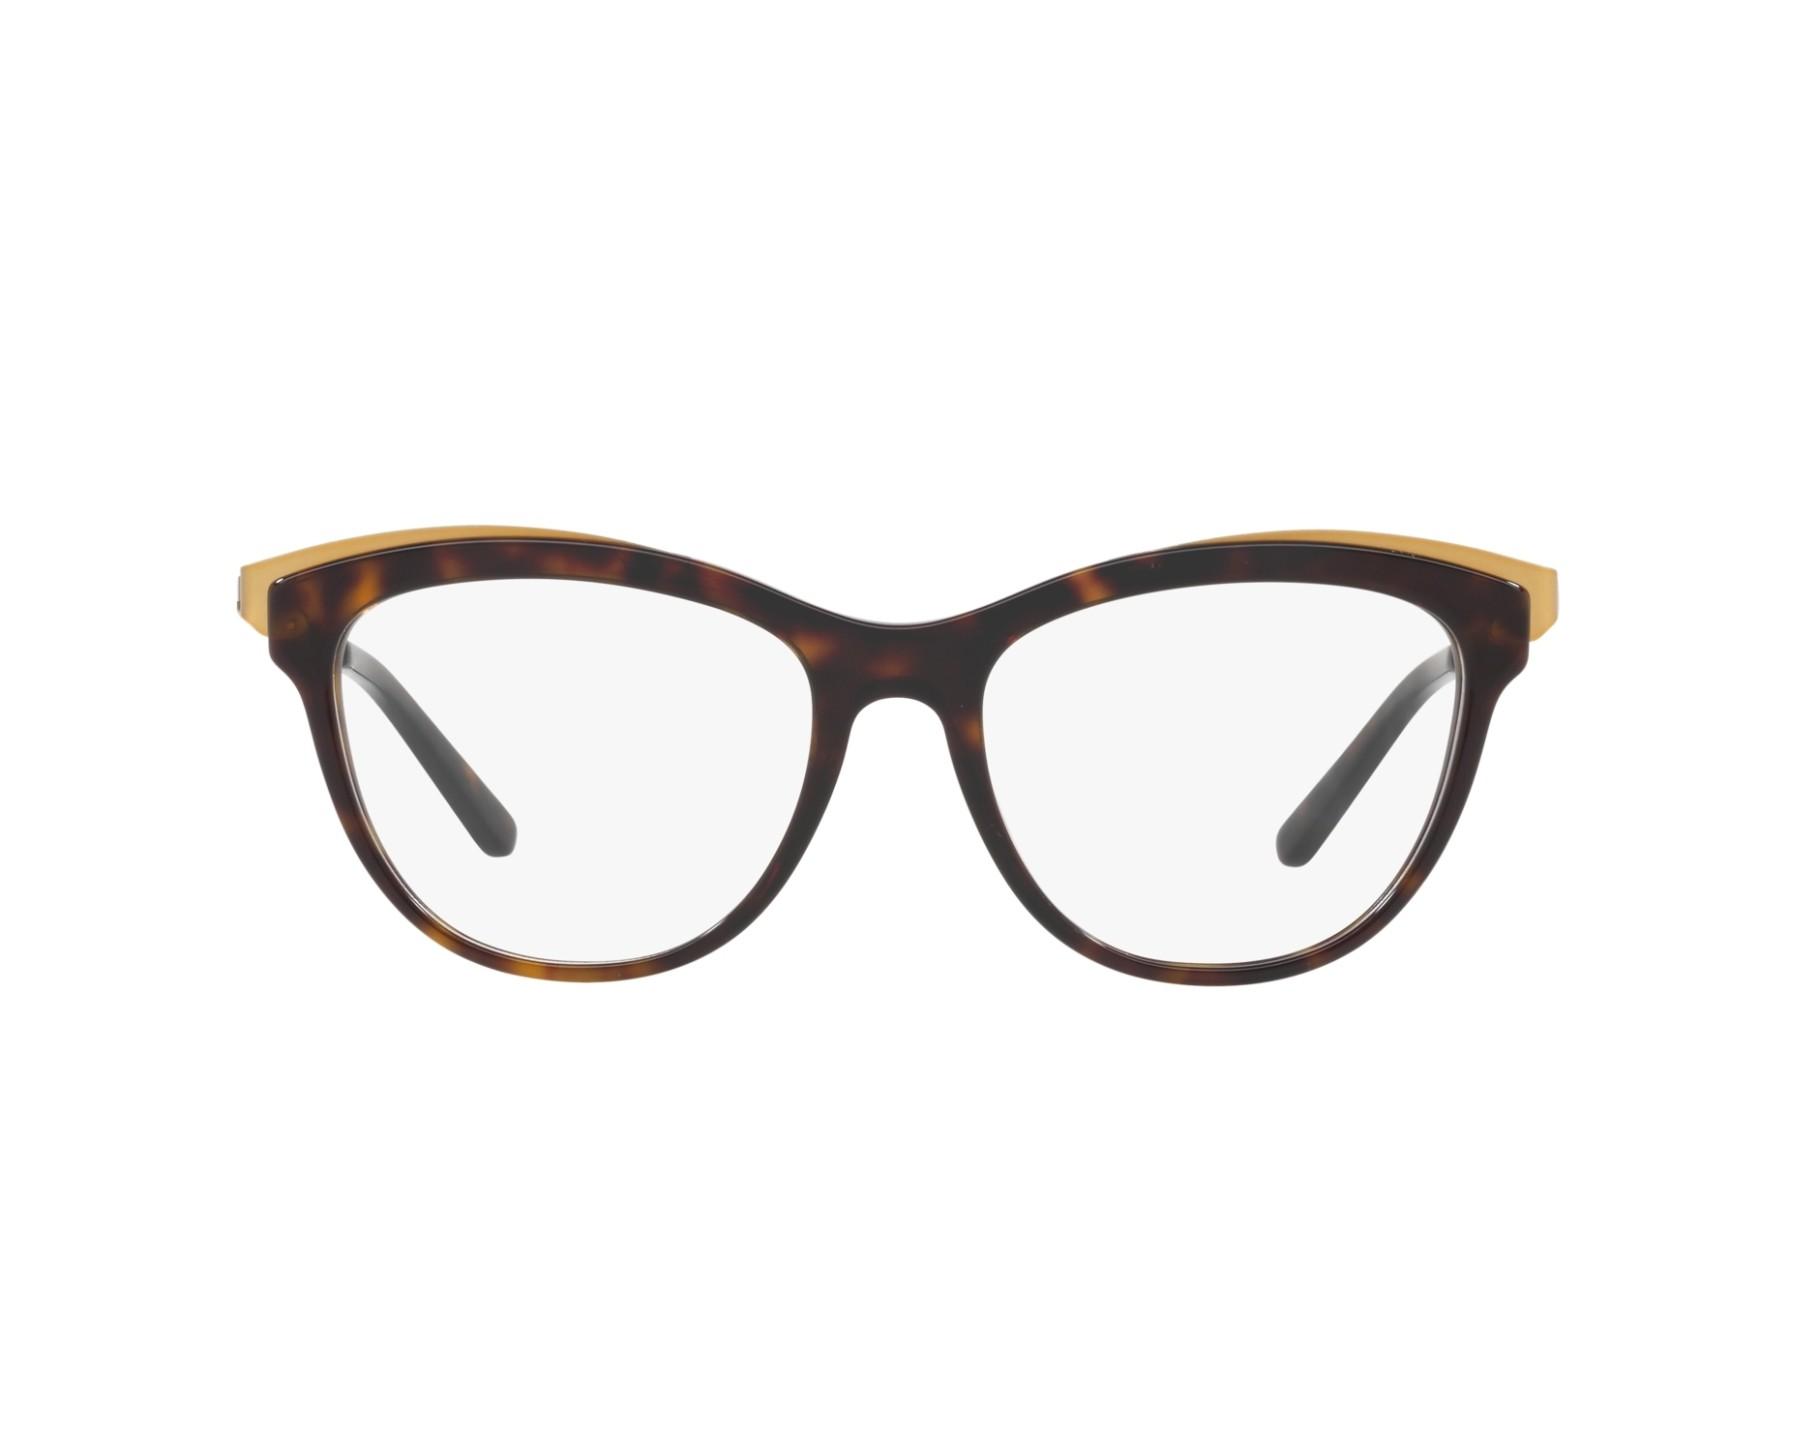 3238d4d63e eyeglasses Ralph Lauren RL-6166 5003 53-17 Havana 360 degree view 1